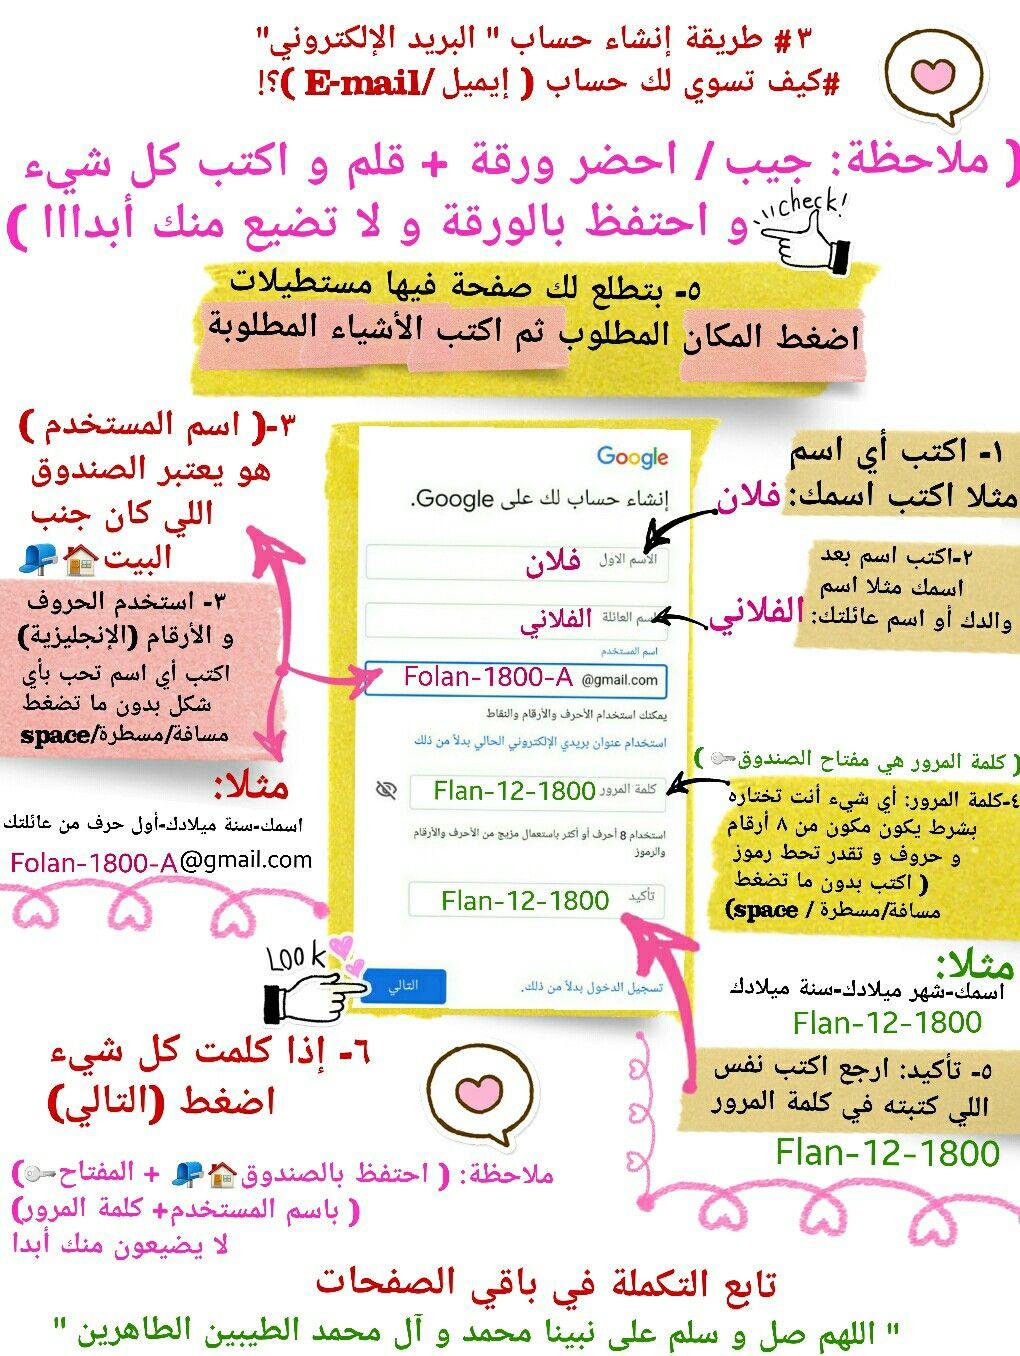 ٣ طريقة إنشاء حساب بريد إلكتروني كيف تسوي لك حساب إيميل E Mail جيميل Gmail G Gmail E أسوي البريد الإلكتروني Bullet Journal Journal